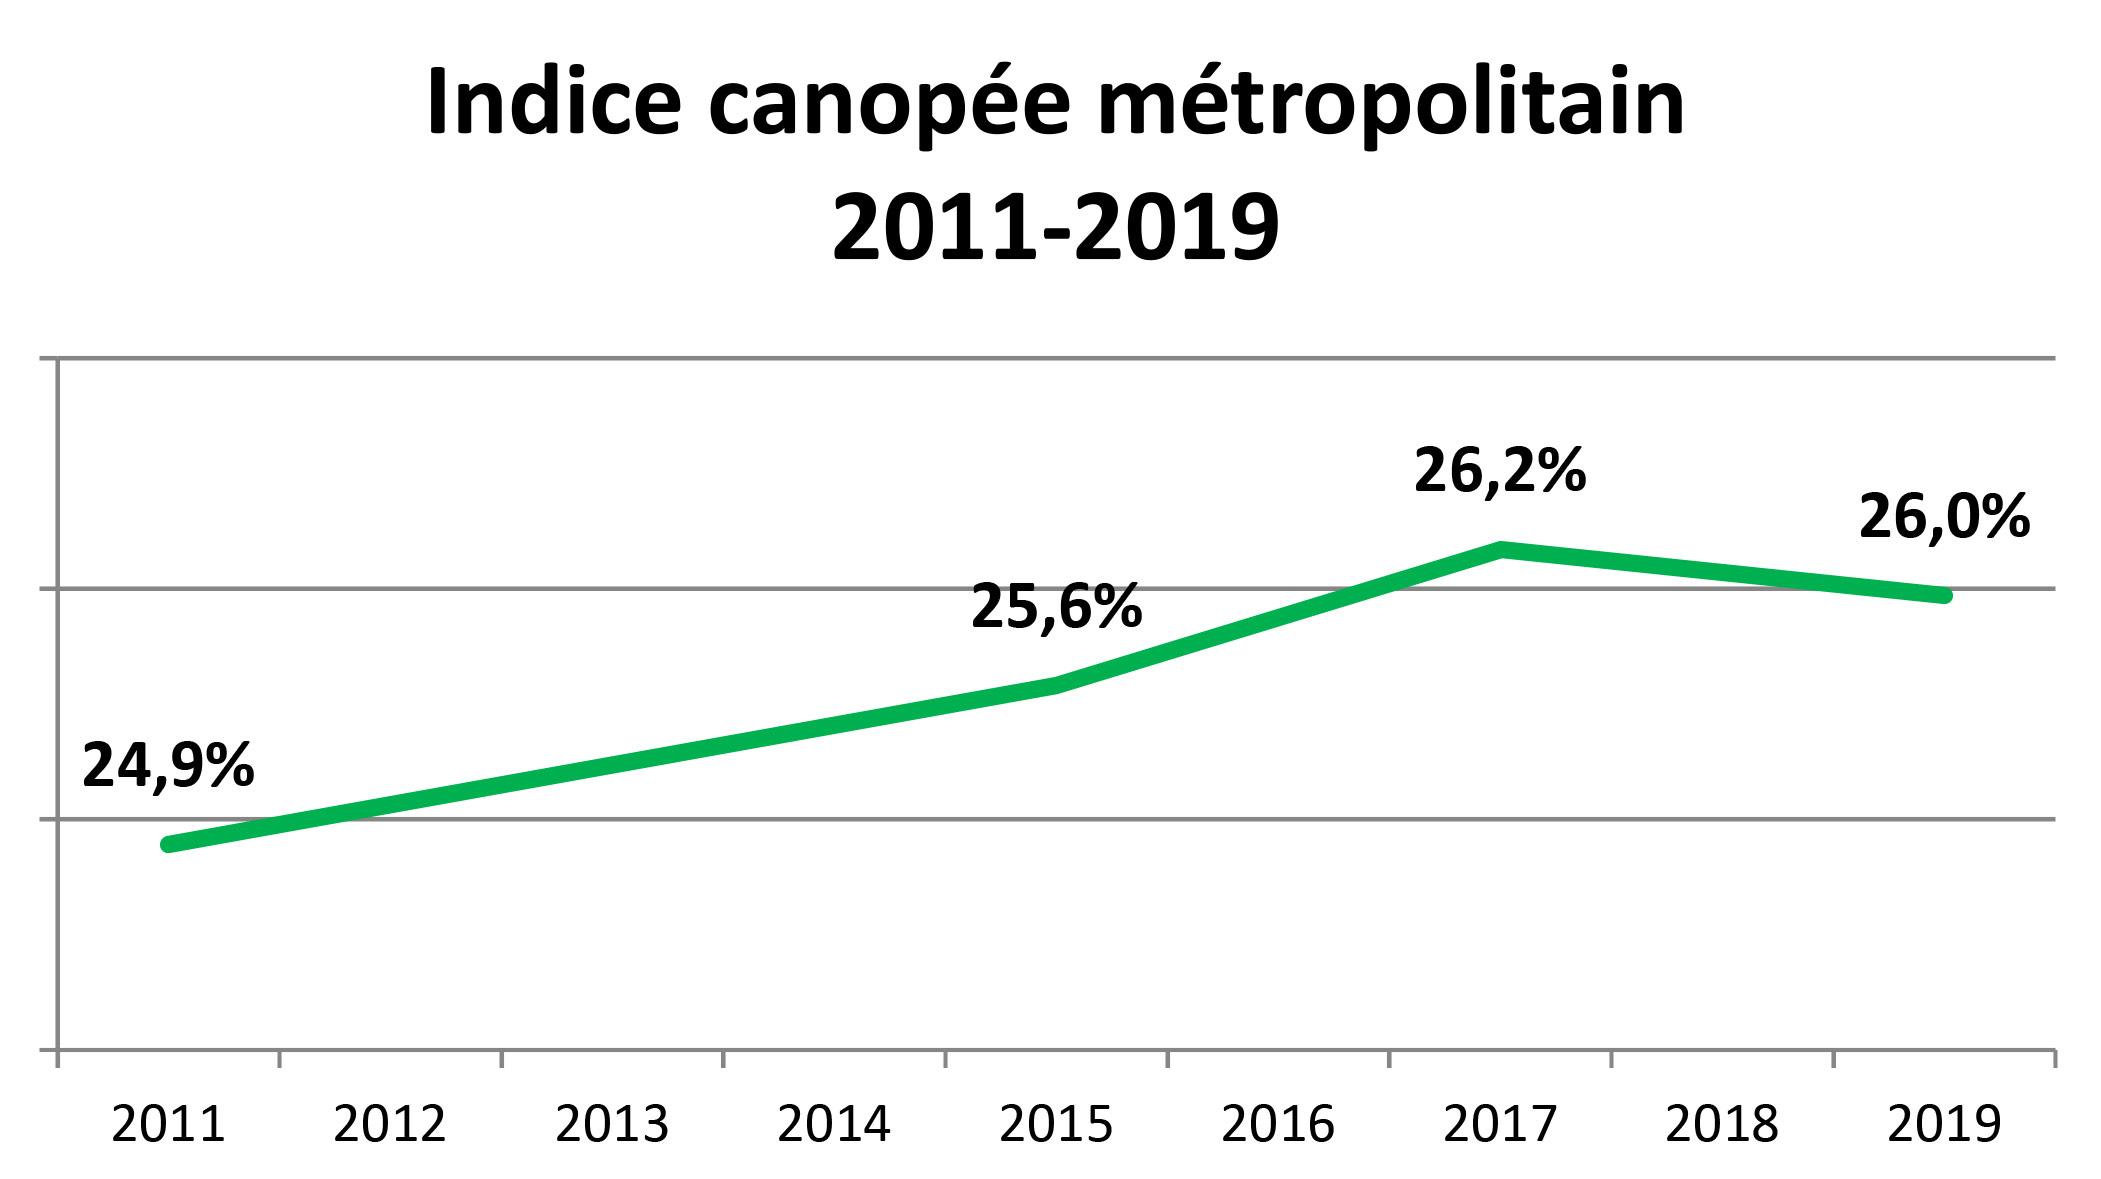 Graphique Indice canopée métropolitain 2011-2019 - Grand Montréal